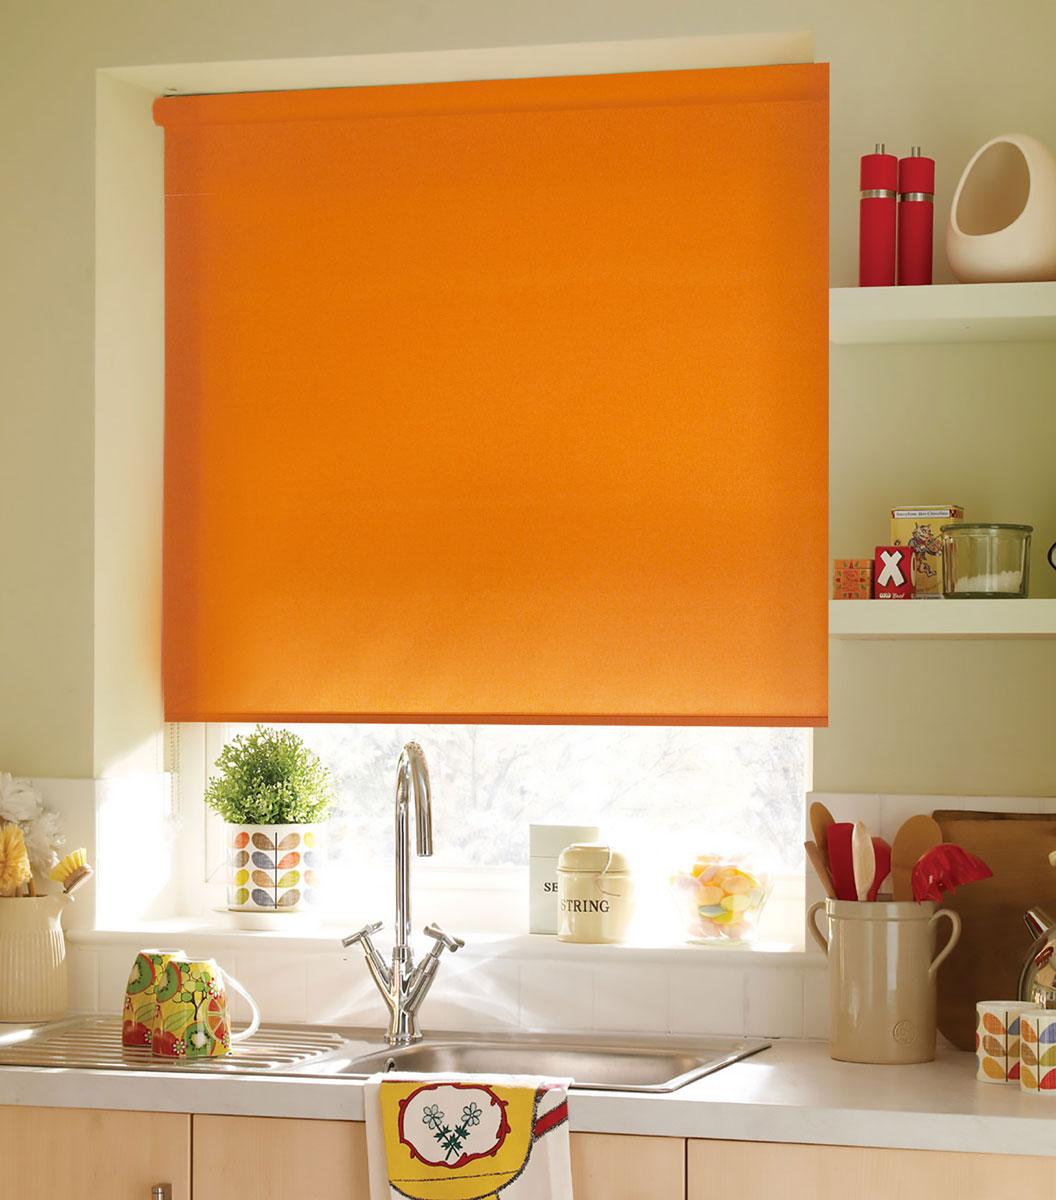 Штора рулонная KauffOrt Миниролло, цвет: оранжевый, ширина 62 см, высота 170 см3062203Рулонная штора KauffOrt Миниролло выполнена из высокопрочной ткани, которая сохраняет свой размер даже при намокании. Ткань не выцветает и обладает отличной цветоустойчивостью. Миниролло - это подвид рулонных штор, который закрывает не весь оконный проем, а непосредственно само стекло. Такие шторы крепятся на раму без сверления при помощи зажимов или клейкой двухсторонней ленты (в комплекте). Окно остается на гарантии, благодаря монтажу без сверления. Такая штора станет прекрасным элементом декора окна и гармонично впишется в интерьер любого помещения.